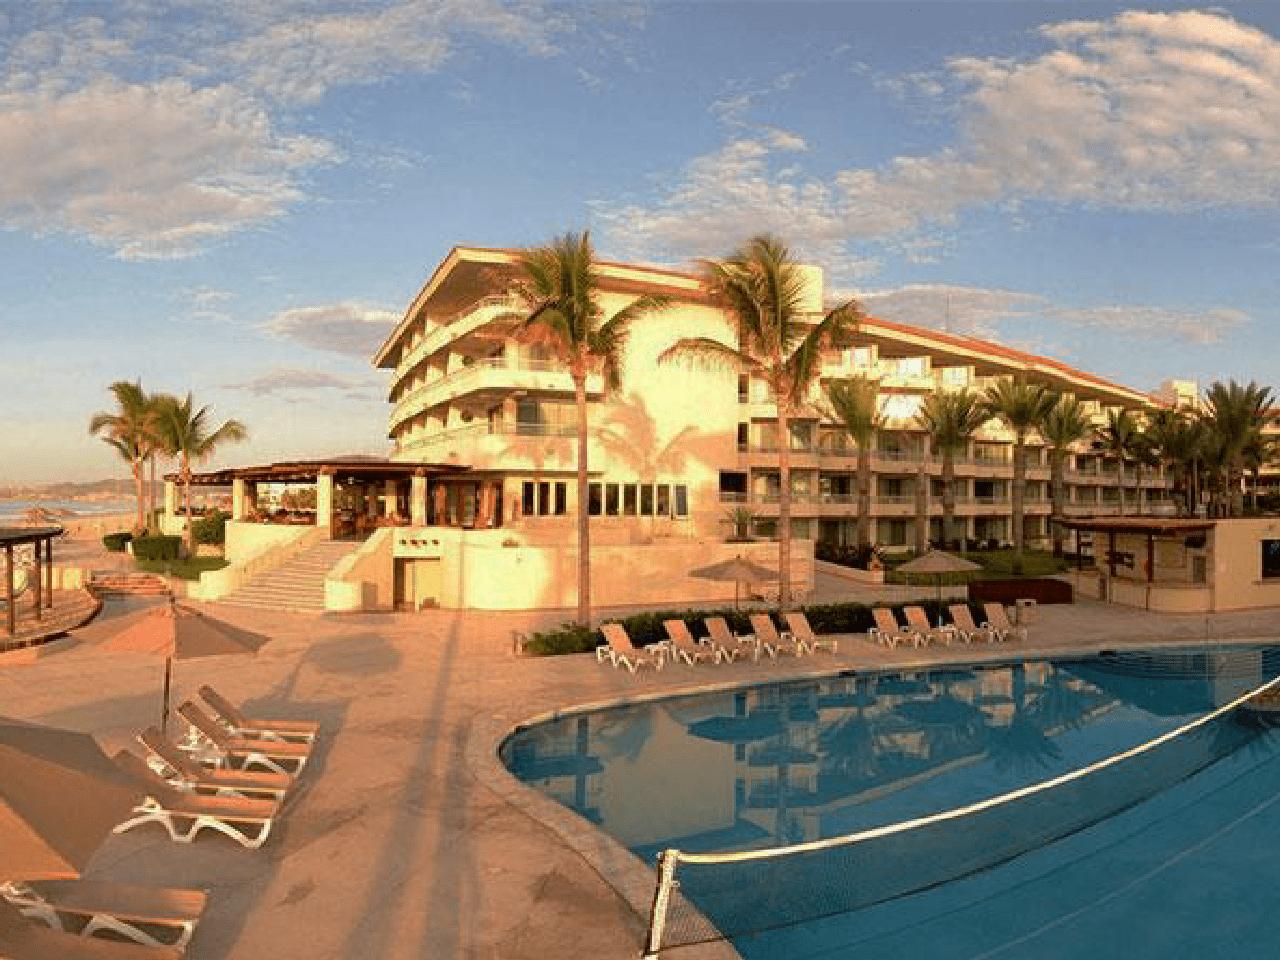 Bodas en la playa - vista de hotel